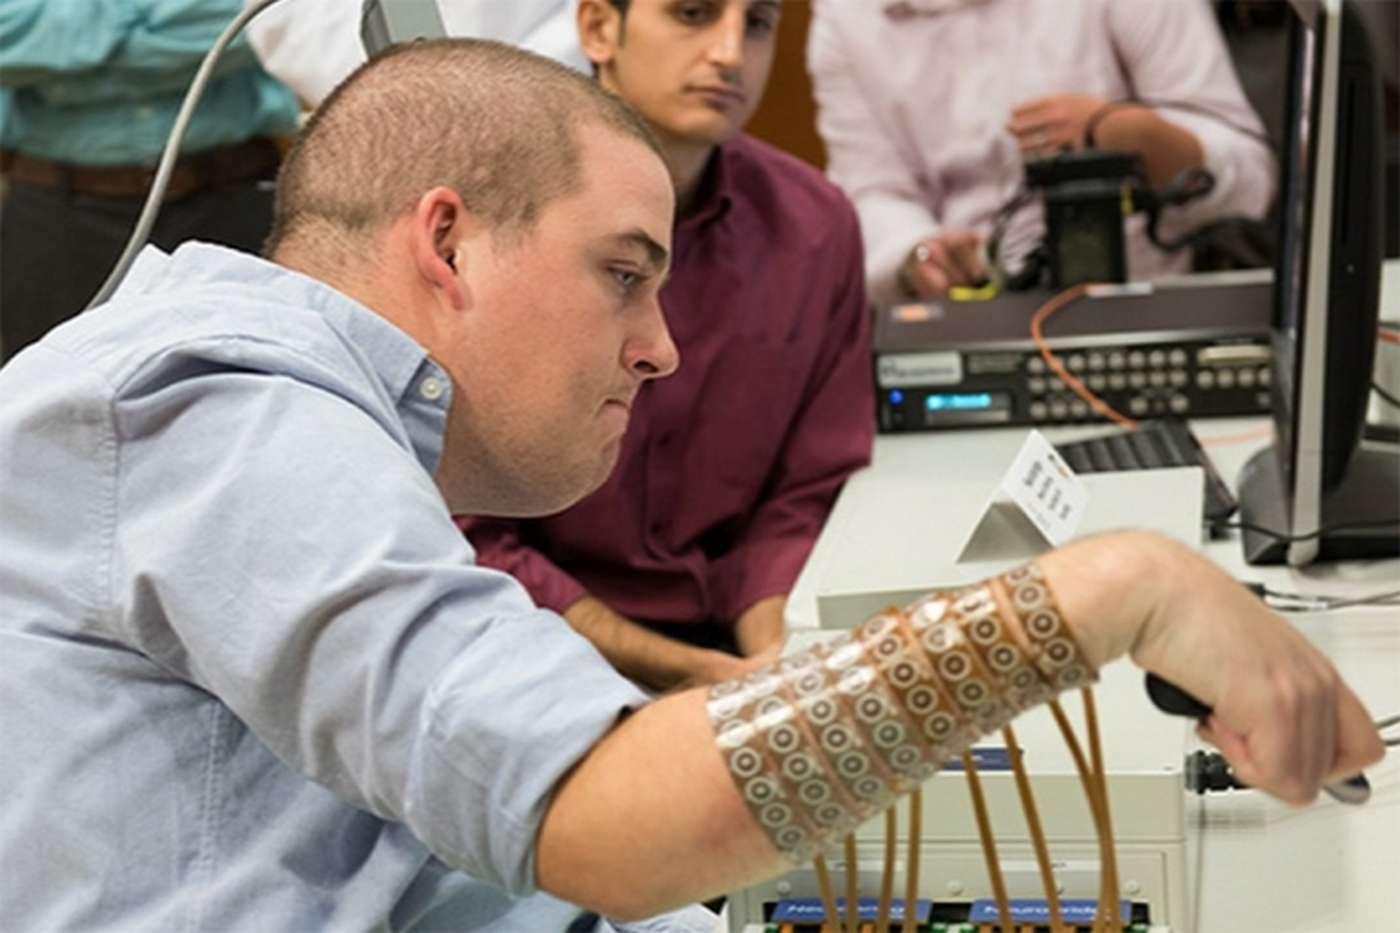 Ian Burkhart est devenu tétraplégique suite à un accident à l'âge de 19 ans. Il est la première personne à avoir retrouvé l'usage de ses membres grâce à un implant cérébral qui interprète l'activité électrique associée à la pensée d'un mouvement. © Ohio State University Wexner Medical Center, Battelle